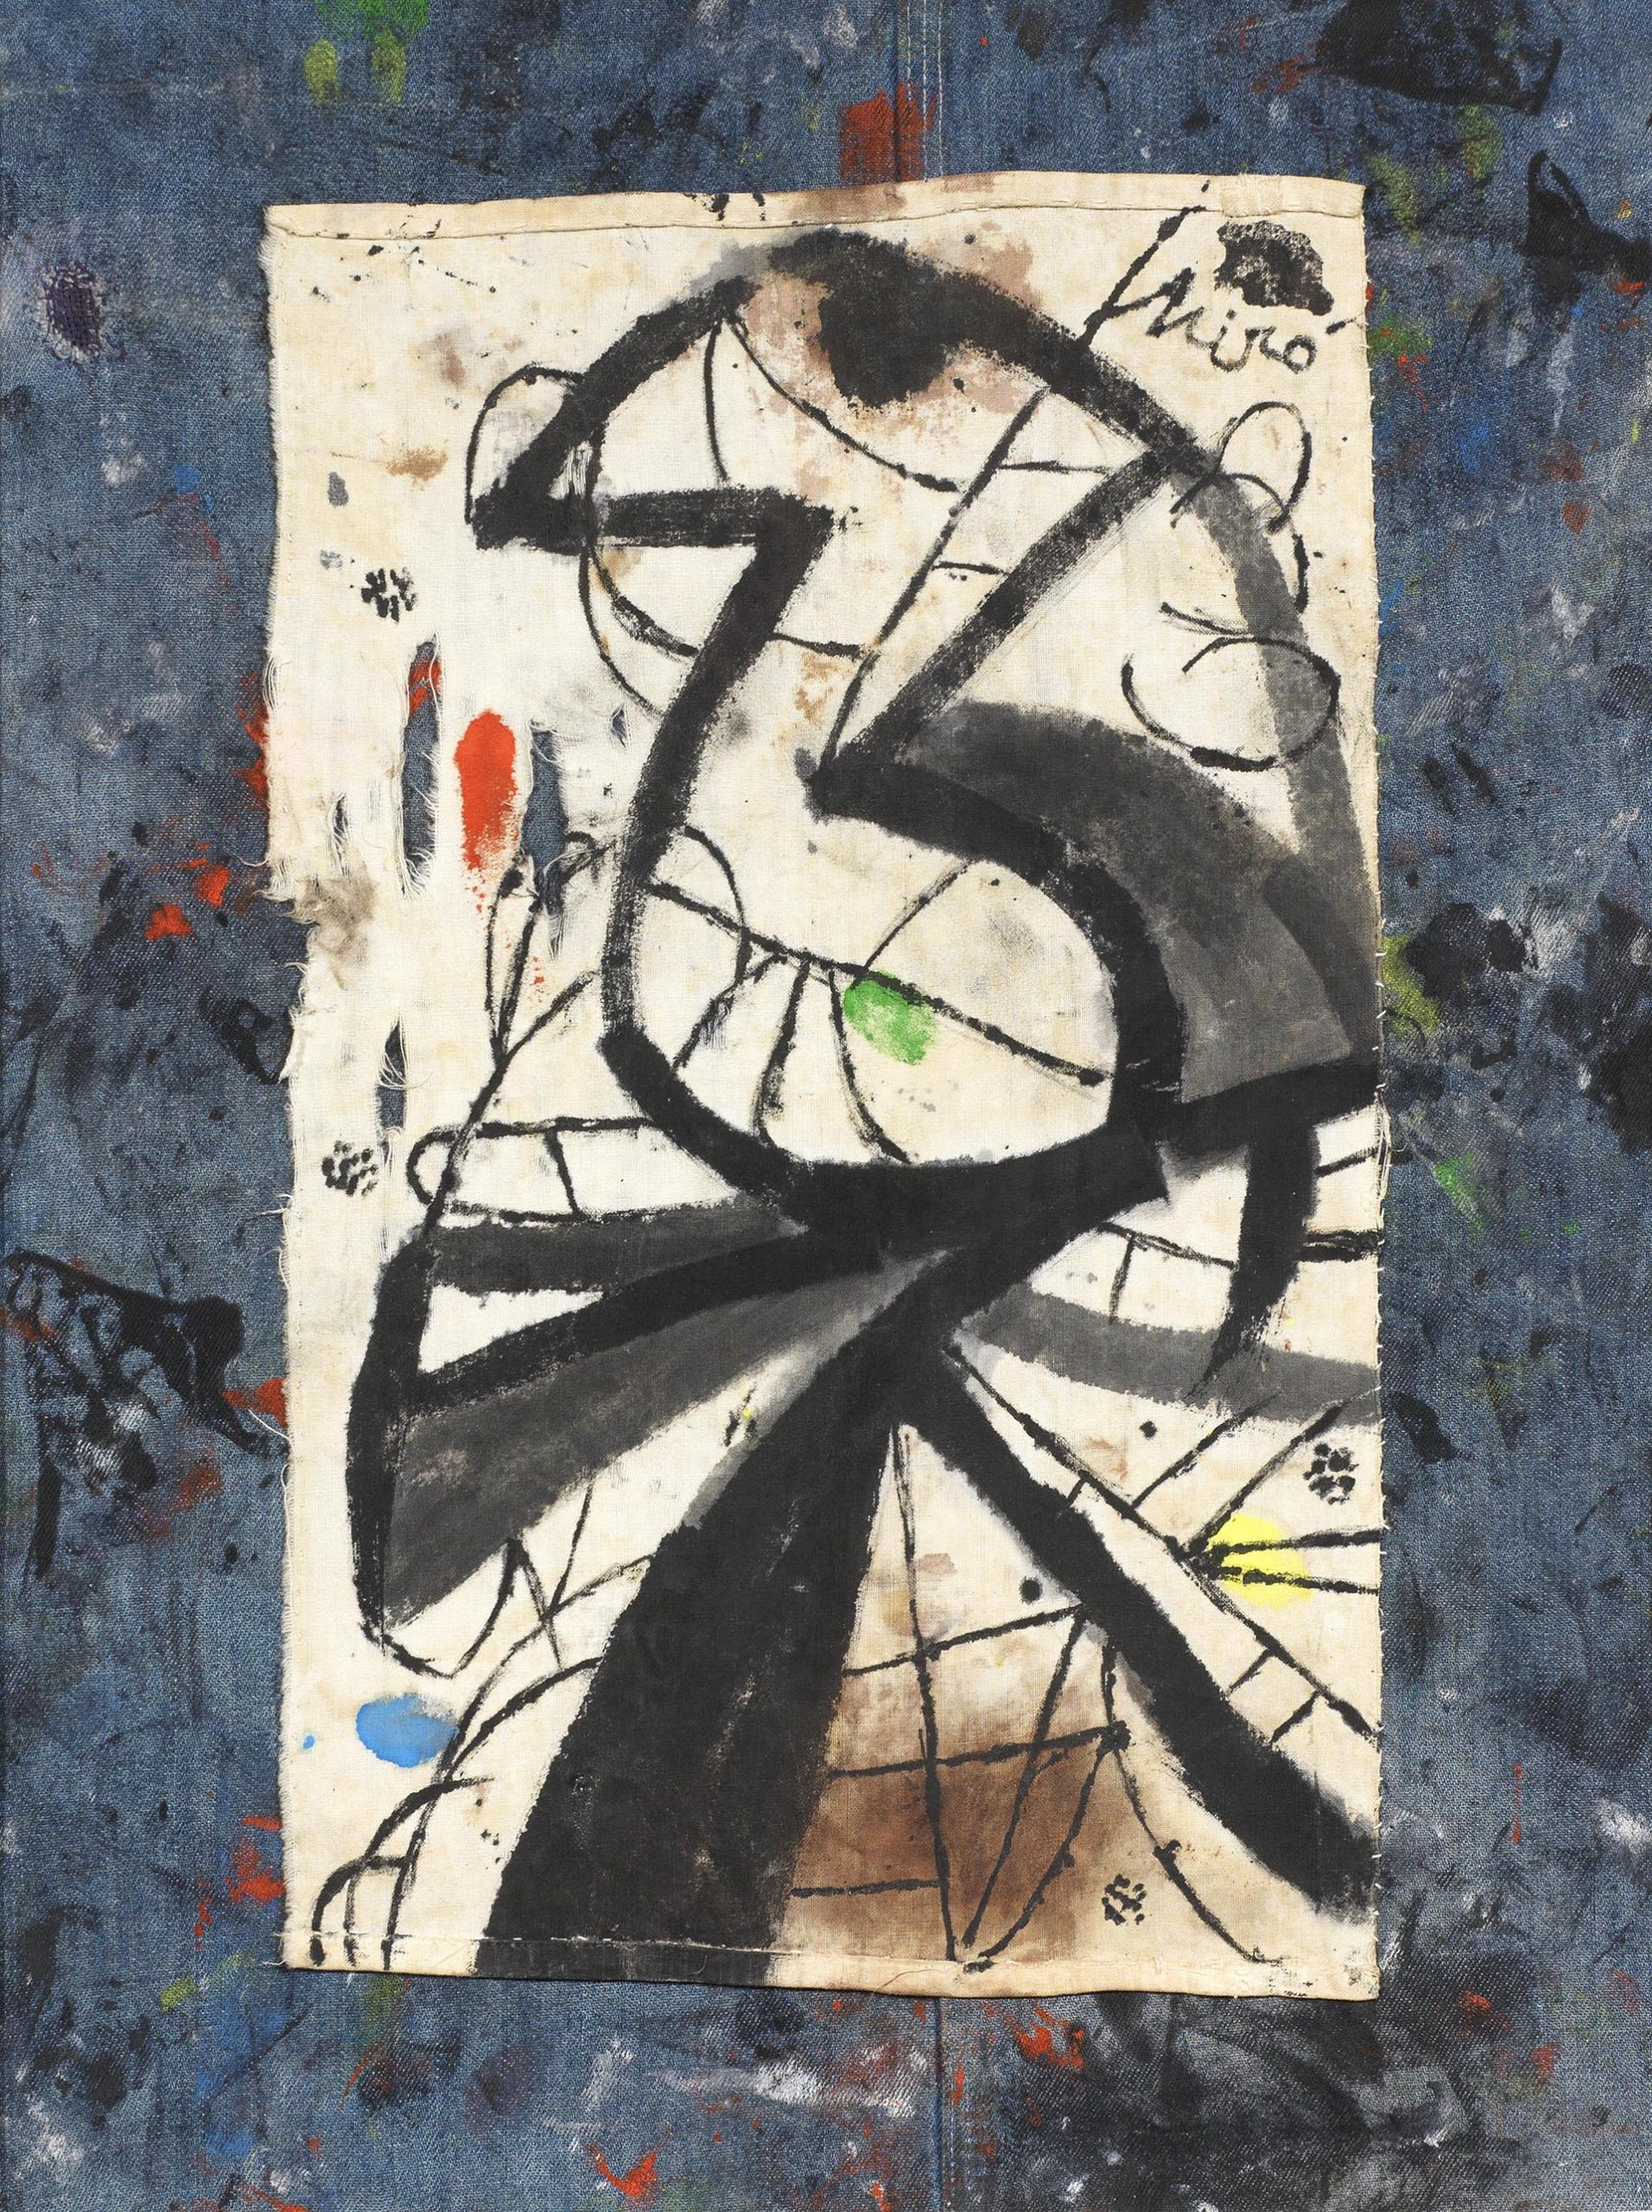 Mirò, Painting, 1981, 58x53 cm